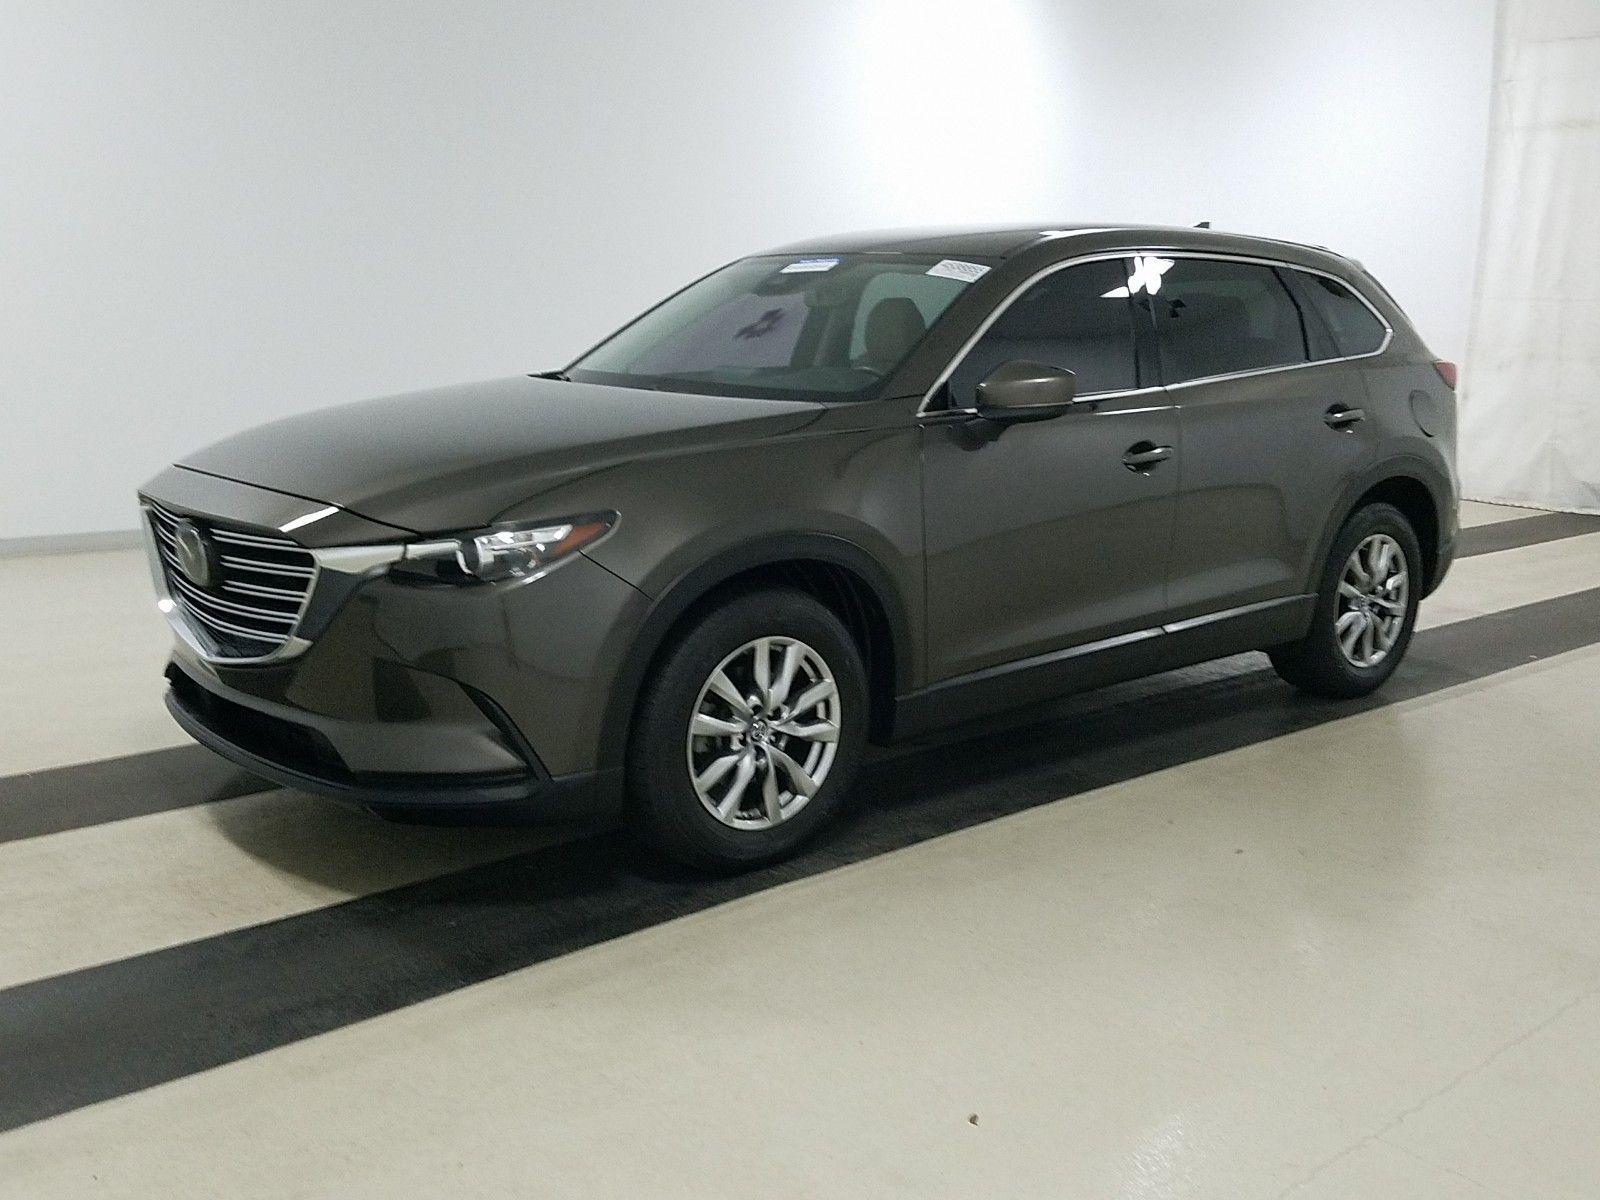 2018 Mazda Cx-9 2.5. Lot 99915984345 Vin JM3TCACY7J0202385